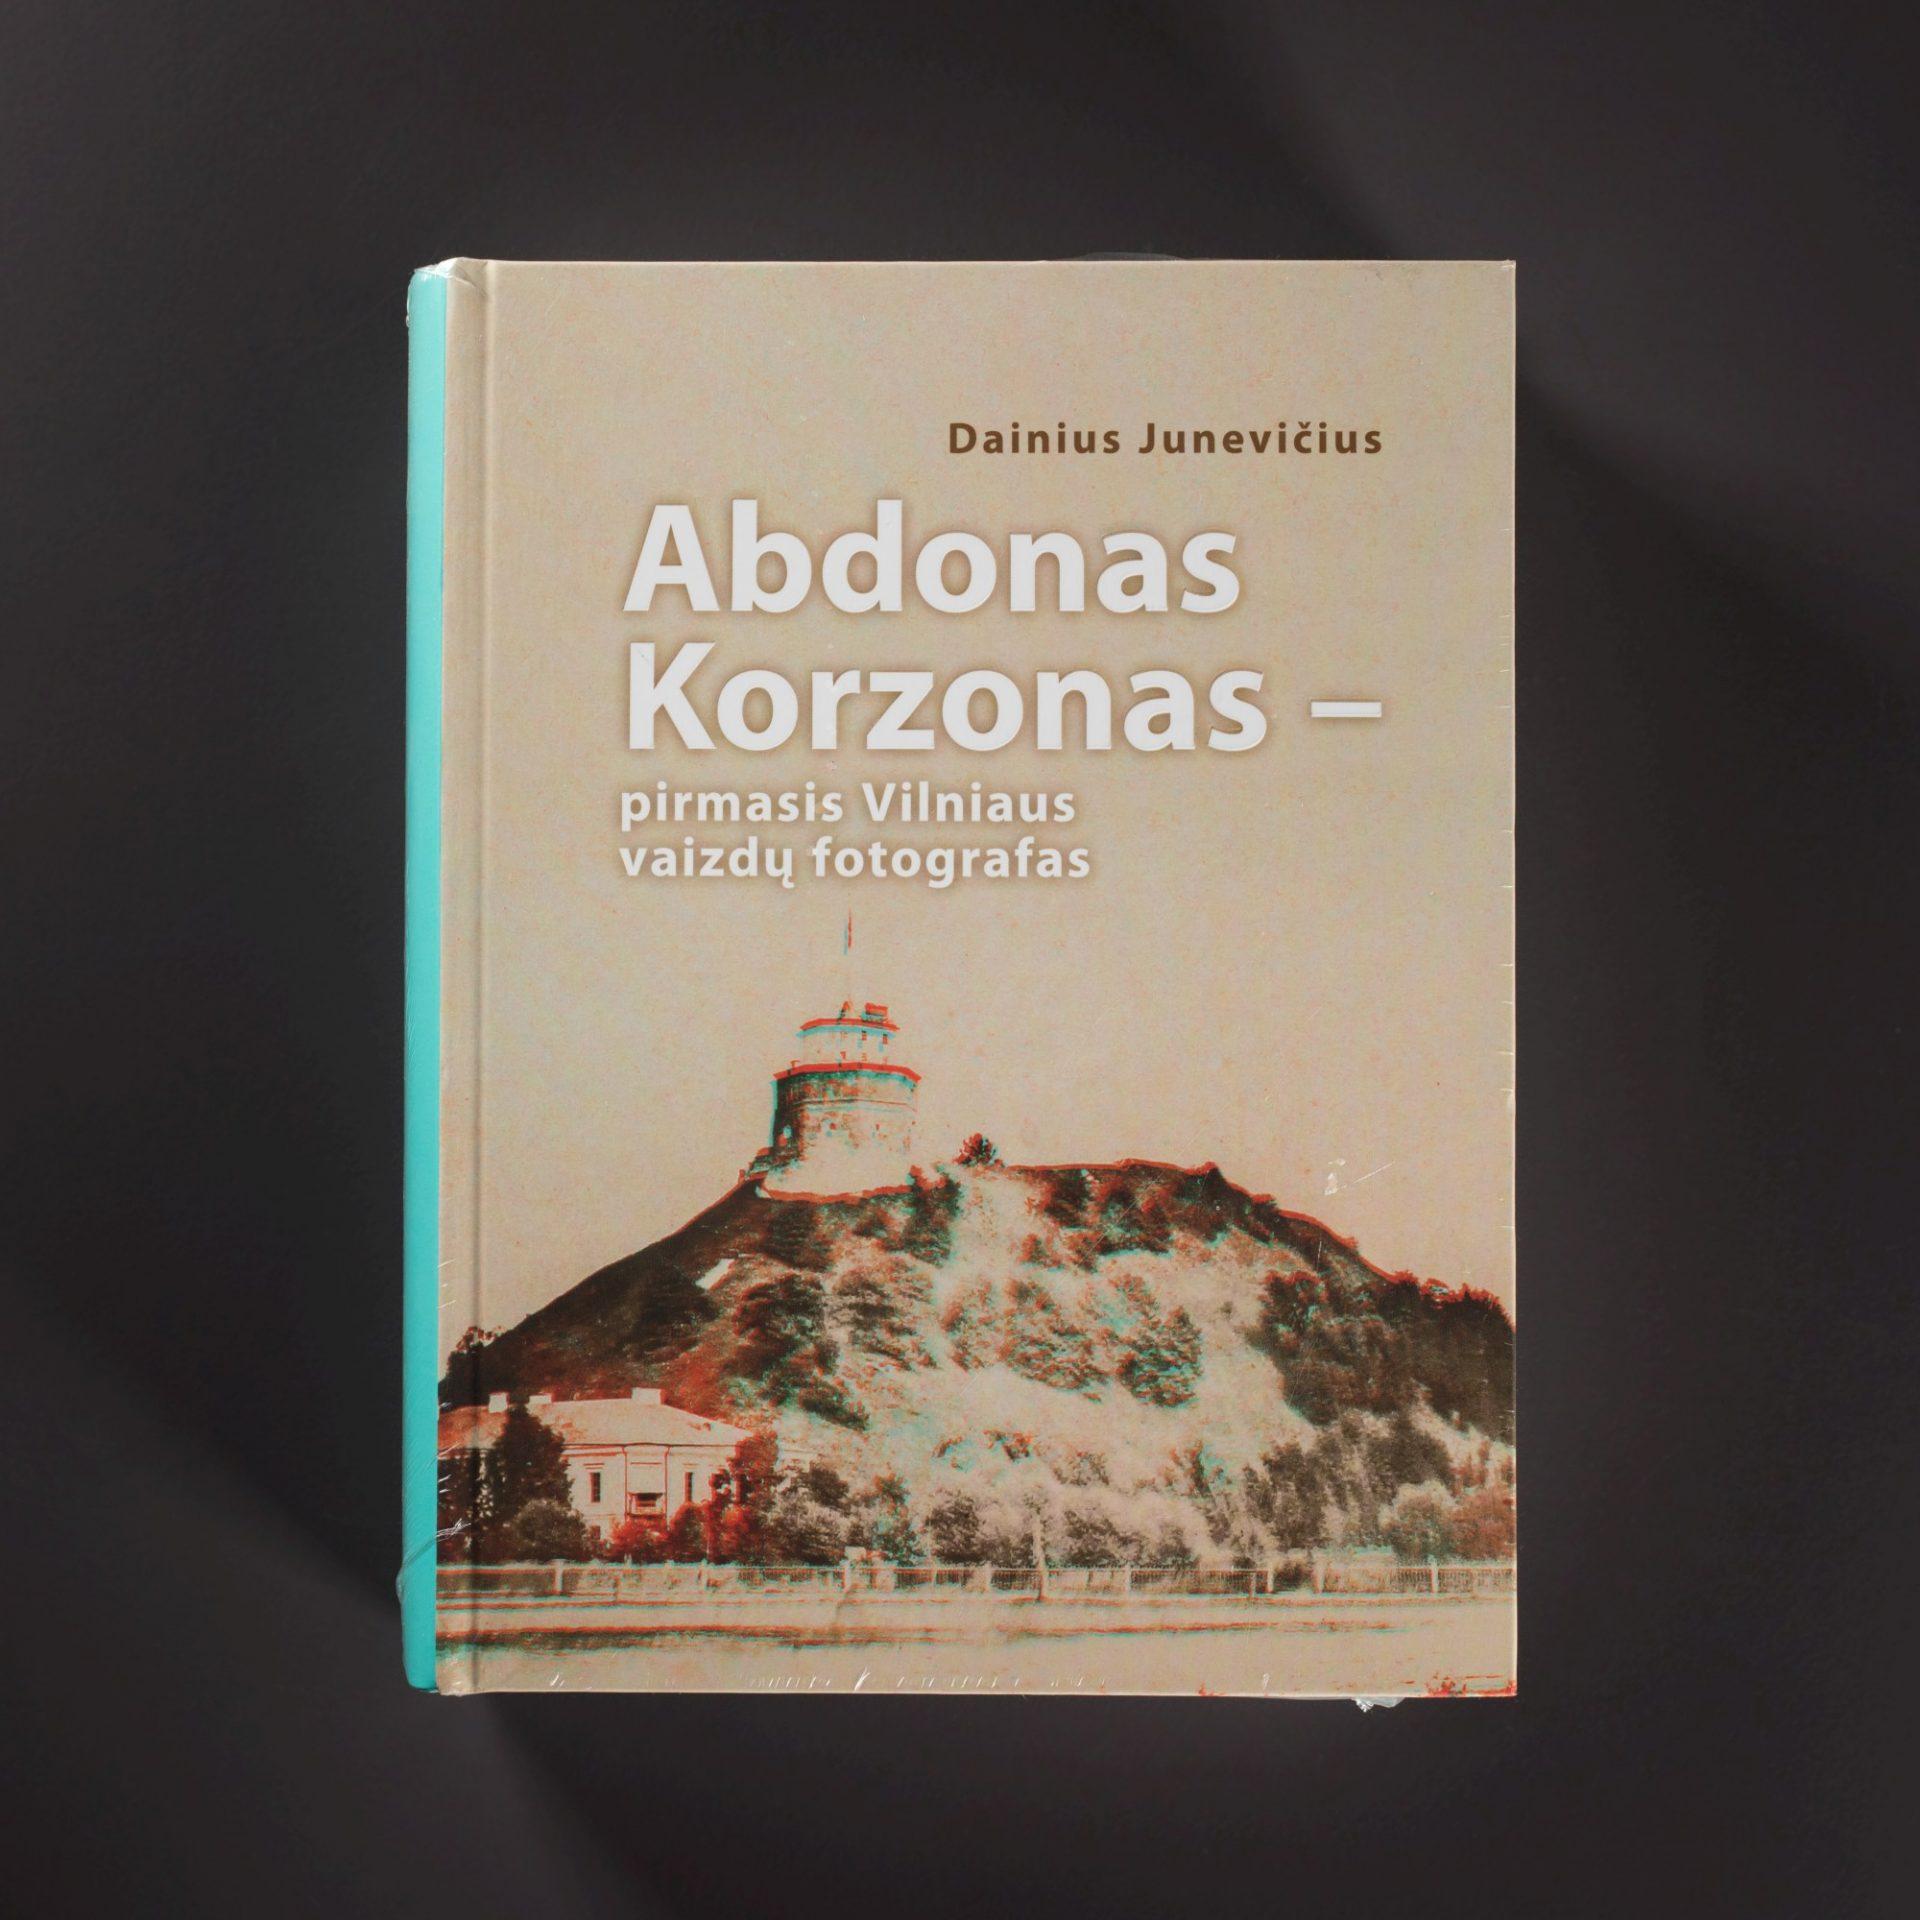 Abdonas Korzonas- pirmasis Vilniaus vaizdų fotografas